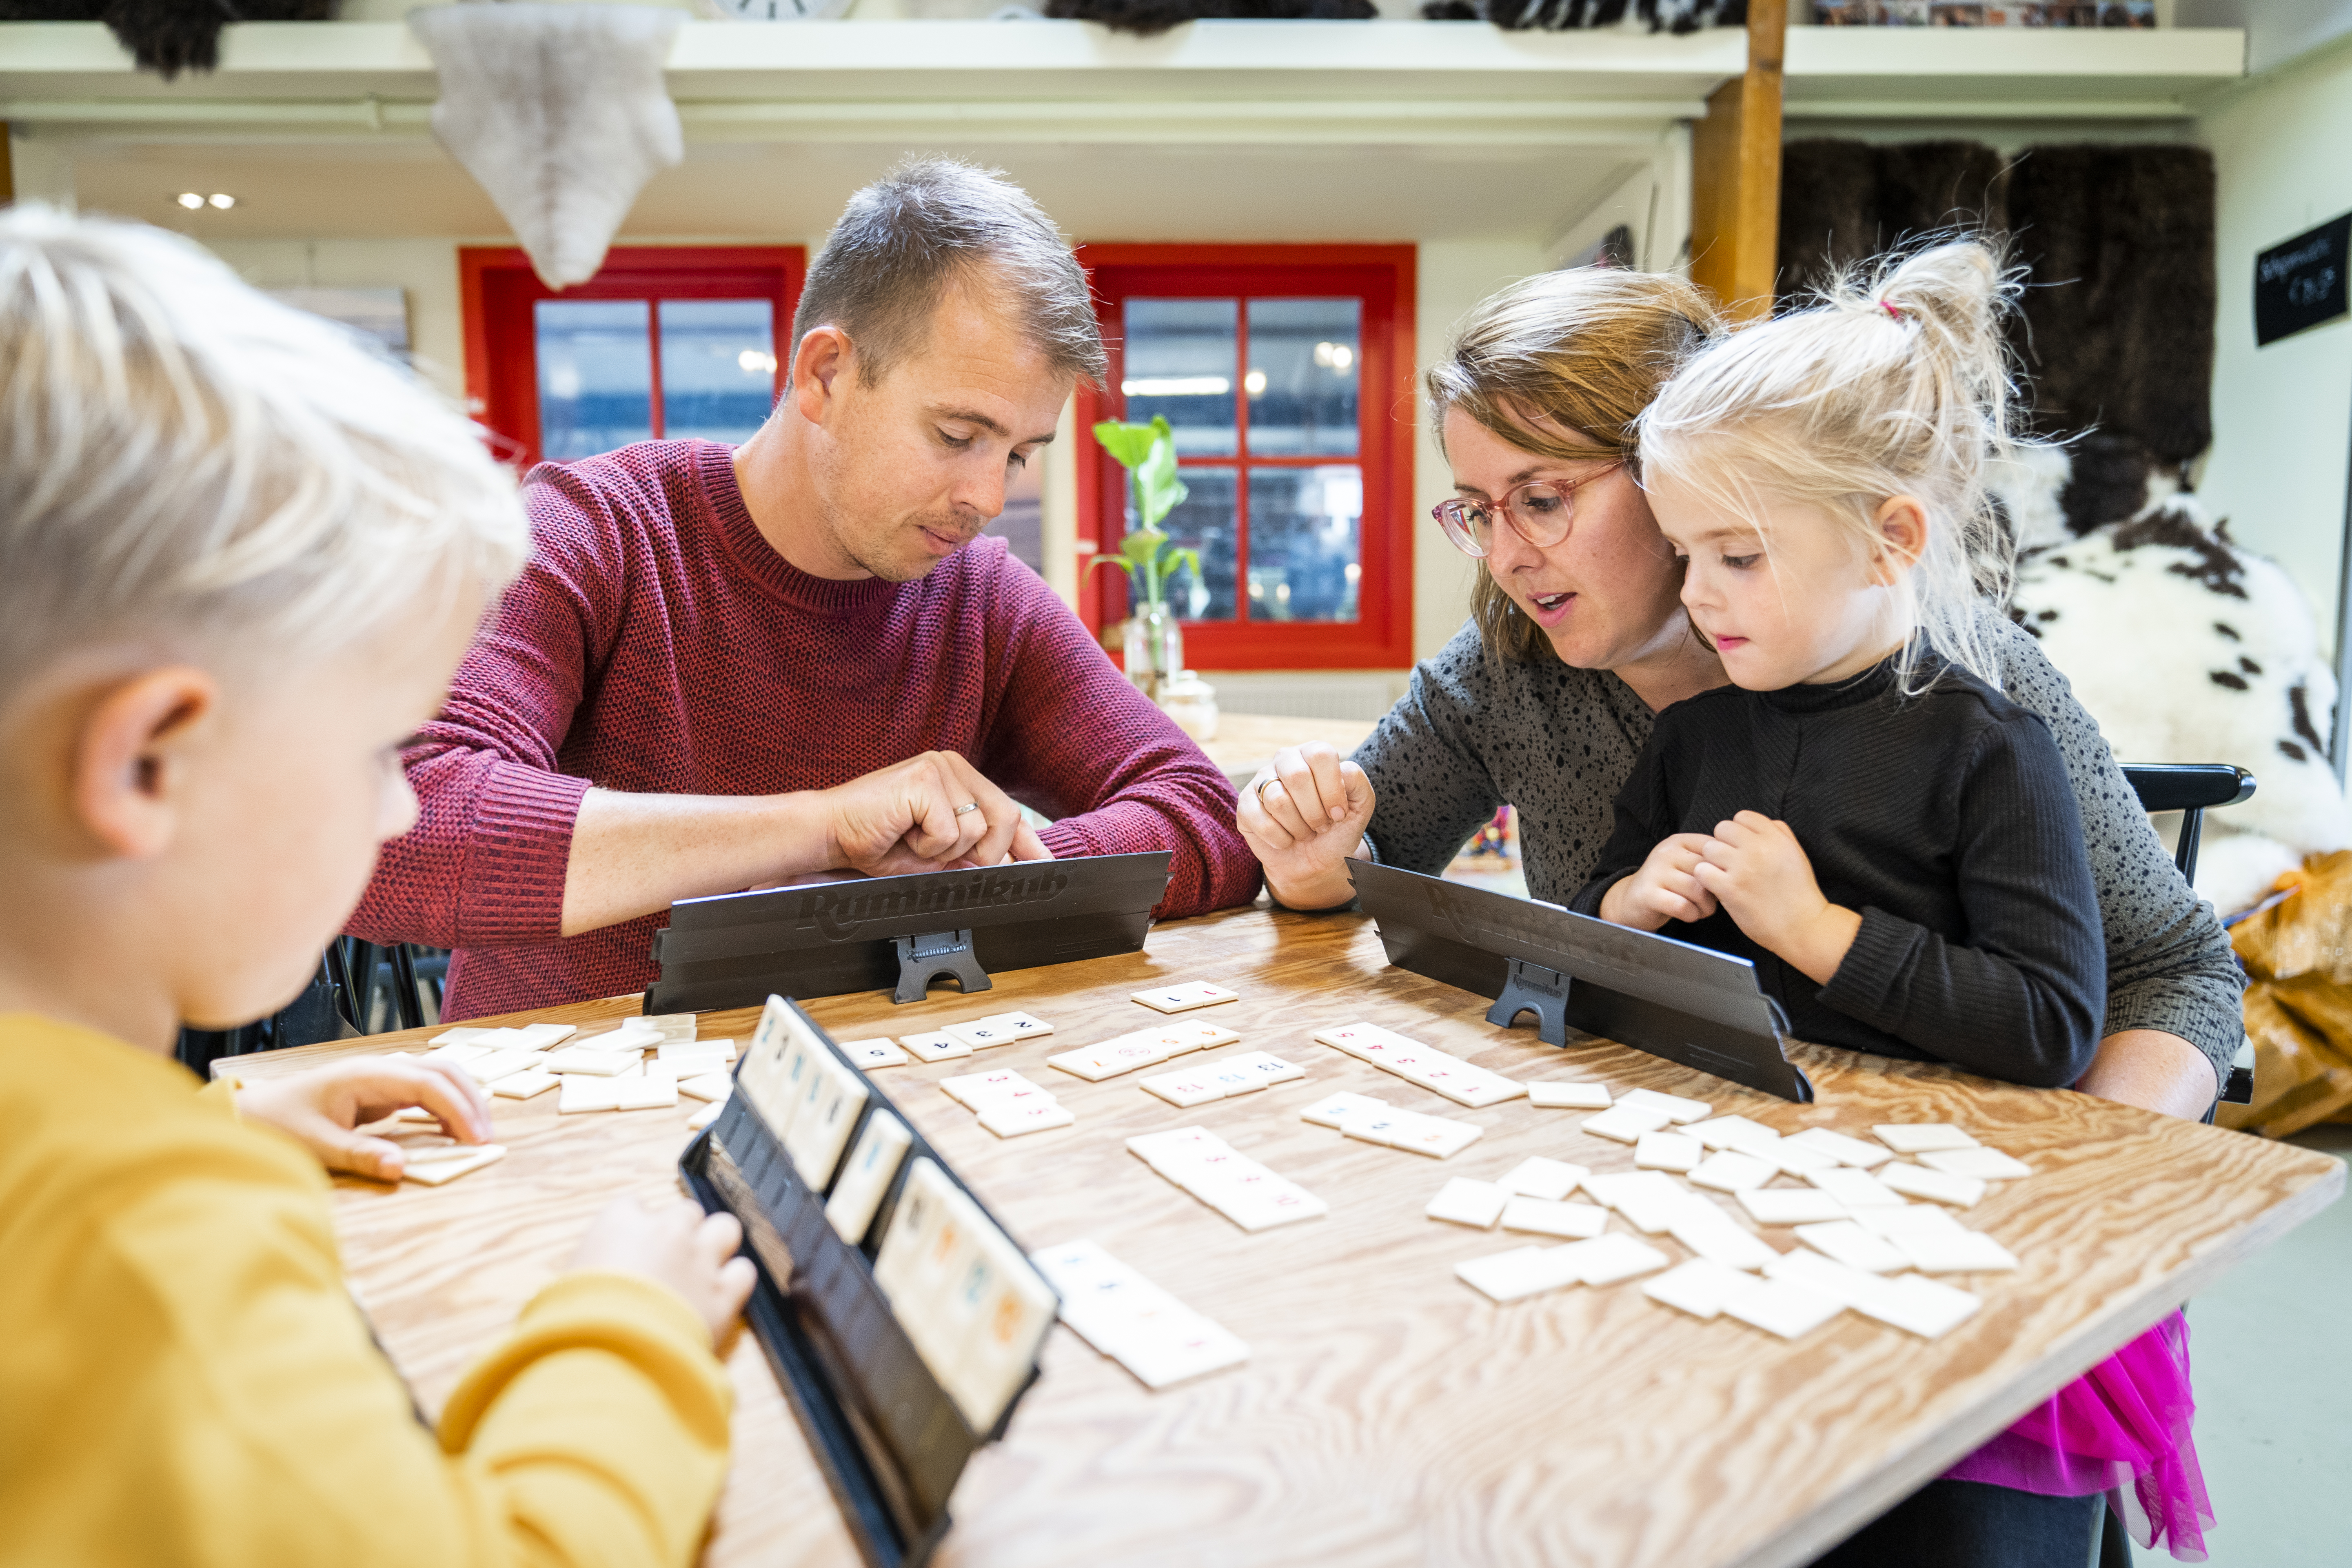 Gezin speelt spelletjes tijdens de vakantie VVV Texel fotograaf Liselotte Schoo